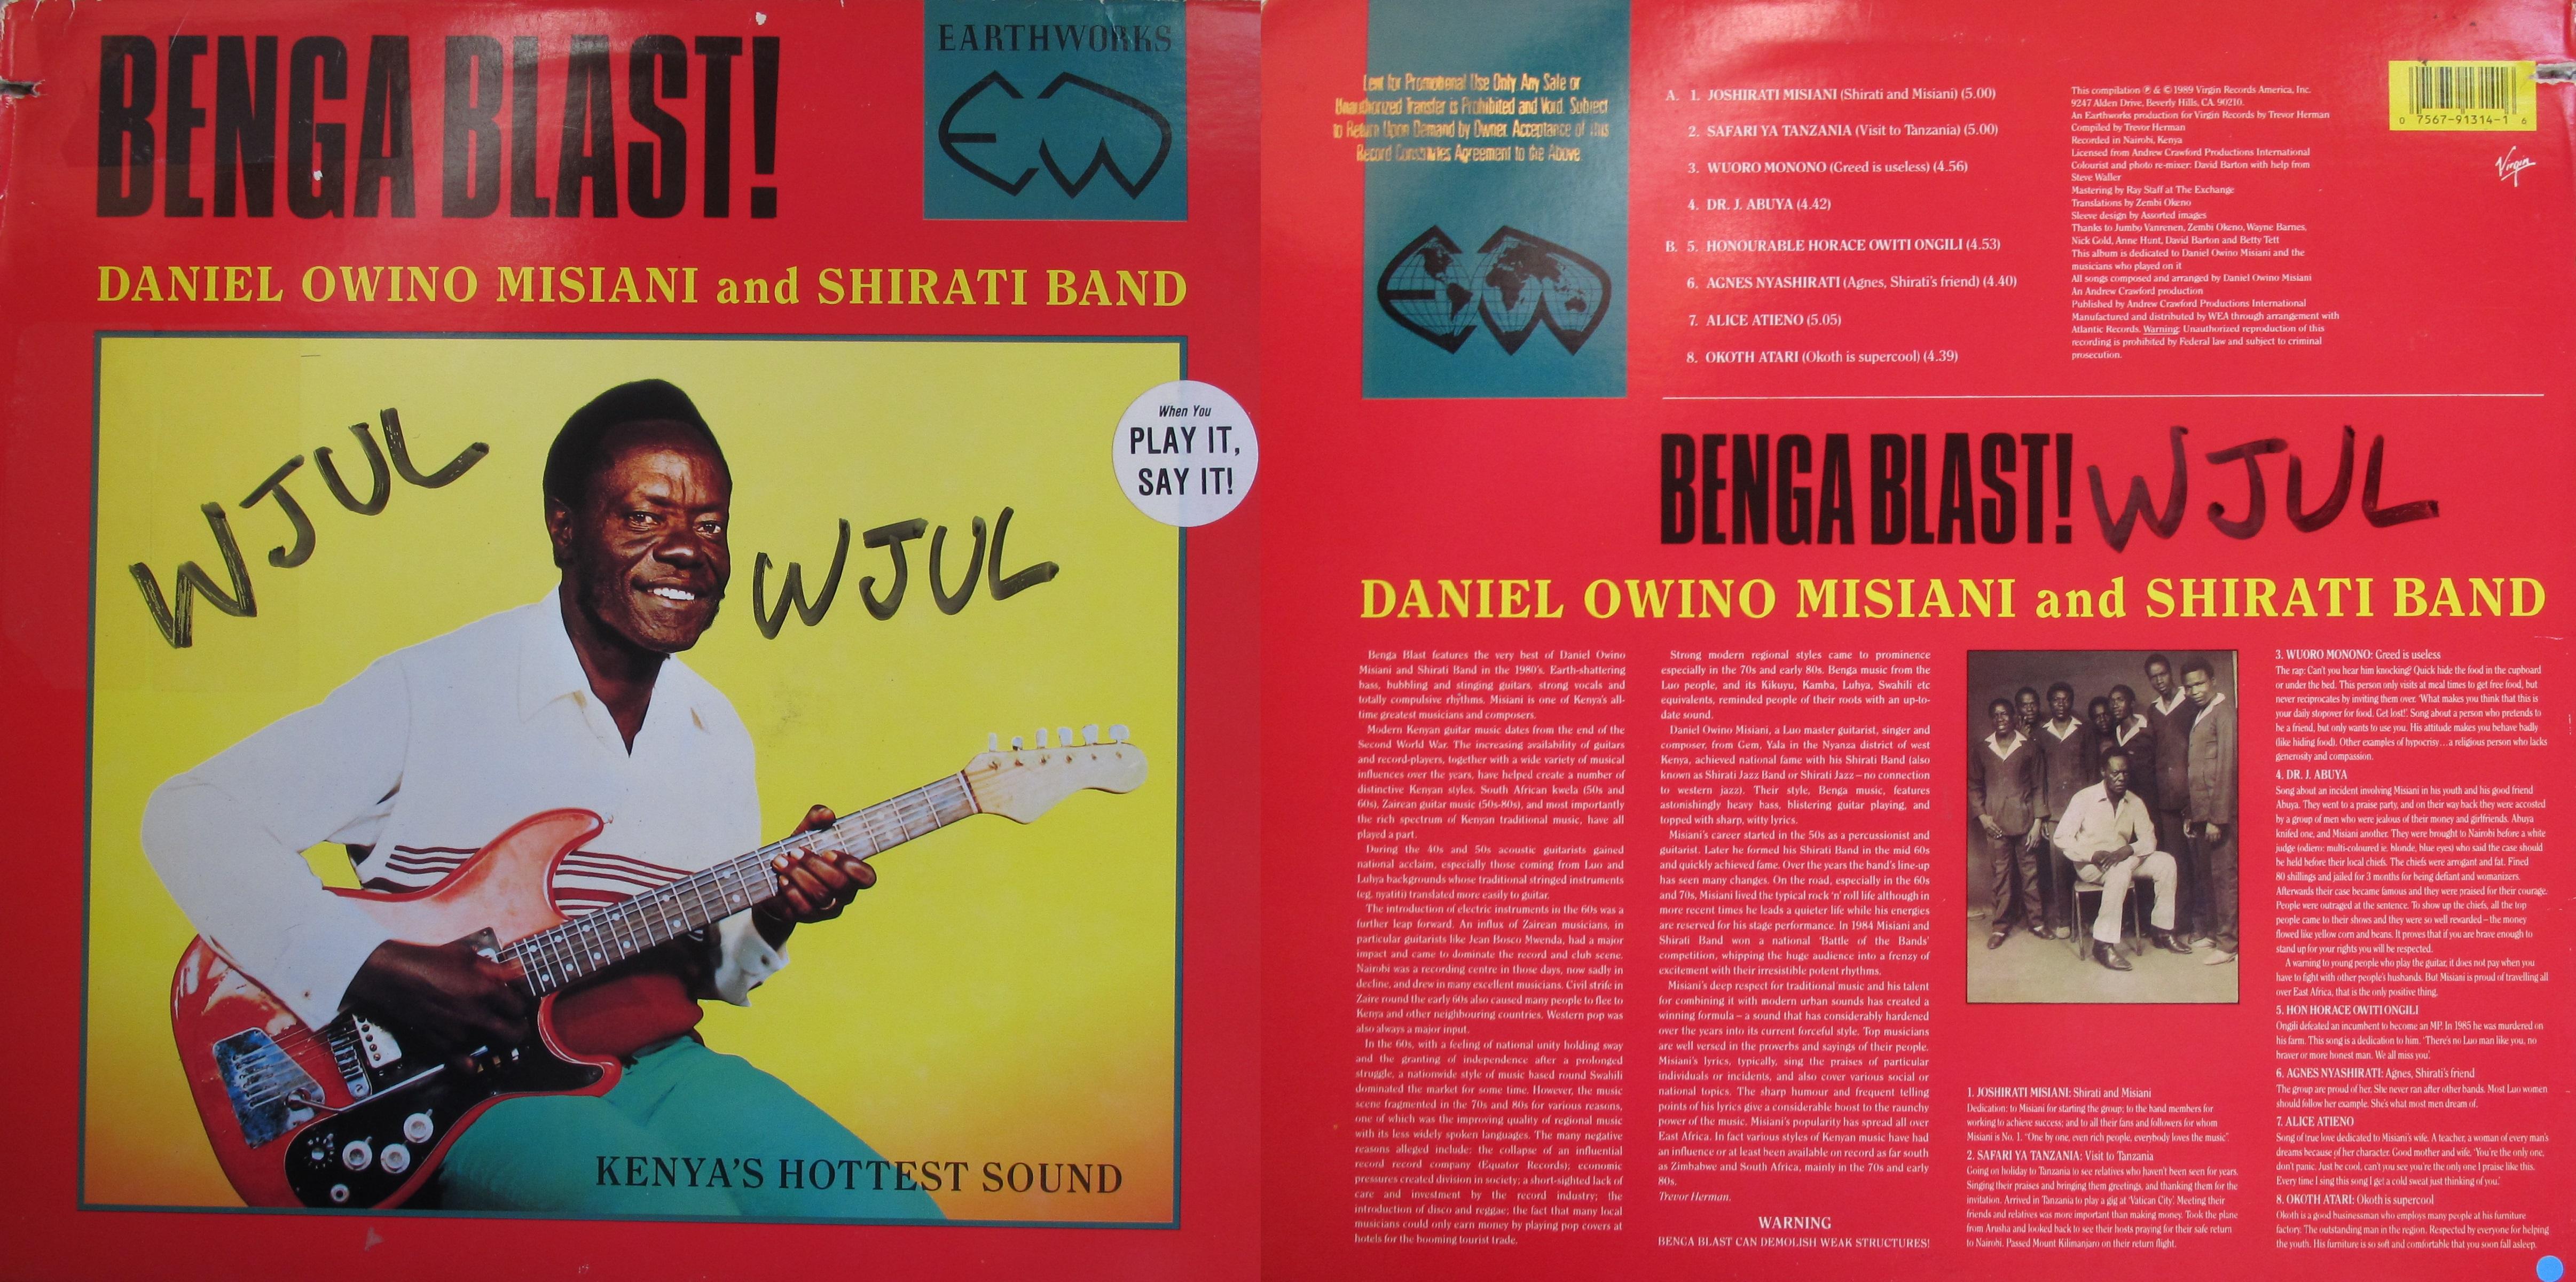 Daniel Owino Misiani and Shirati Band – My Dad's Albums